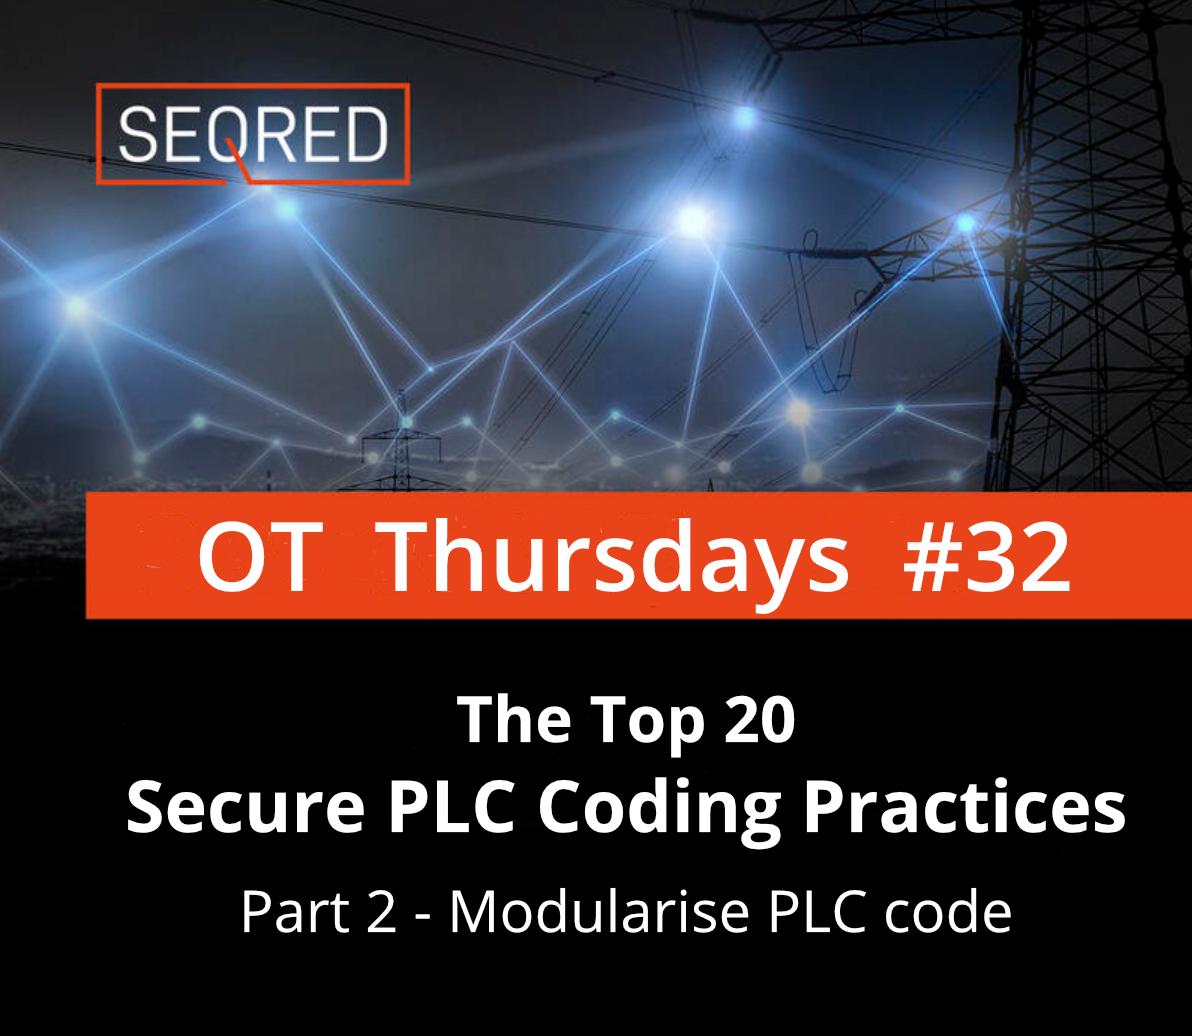 The top 20 Secure PLC Coding Practices. Part 2 - Modulrise PLC code